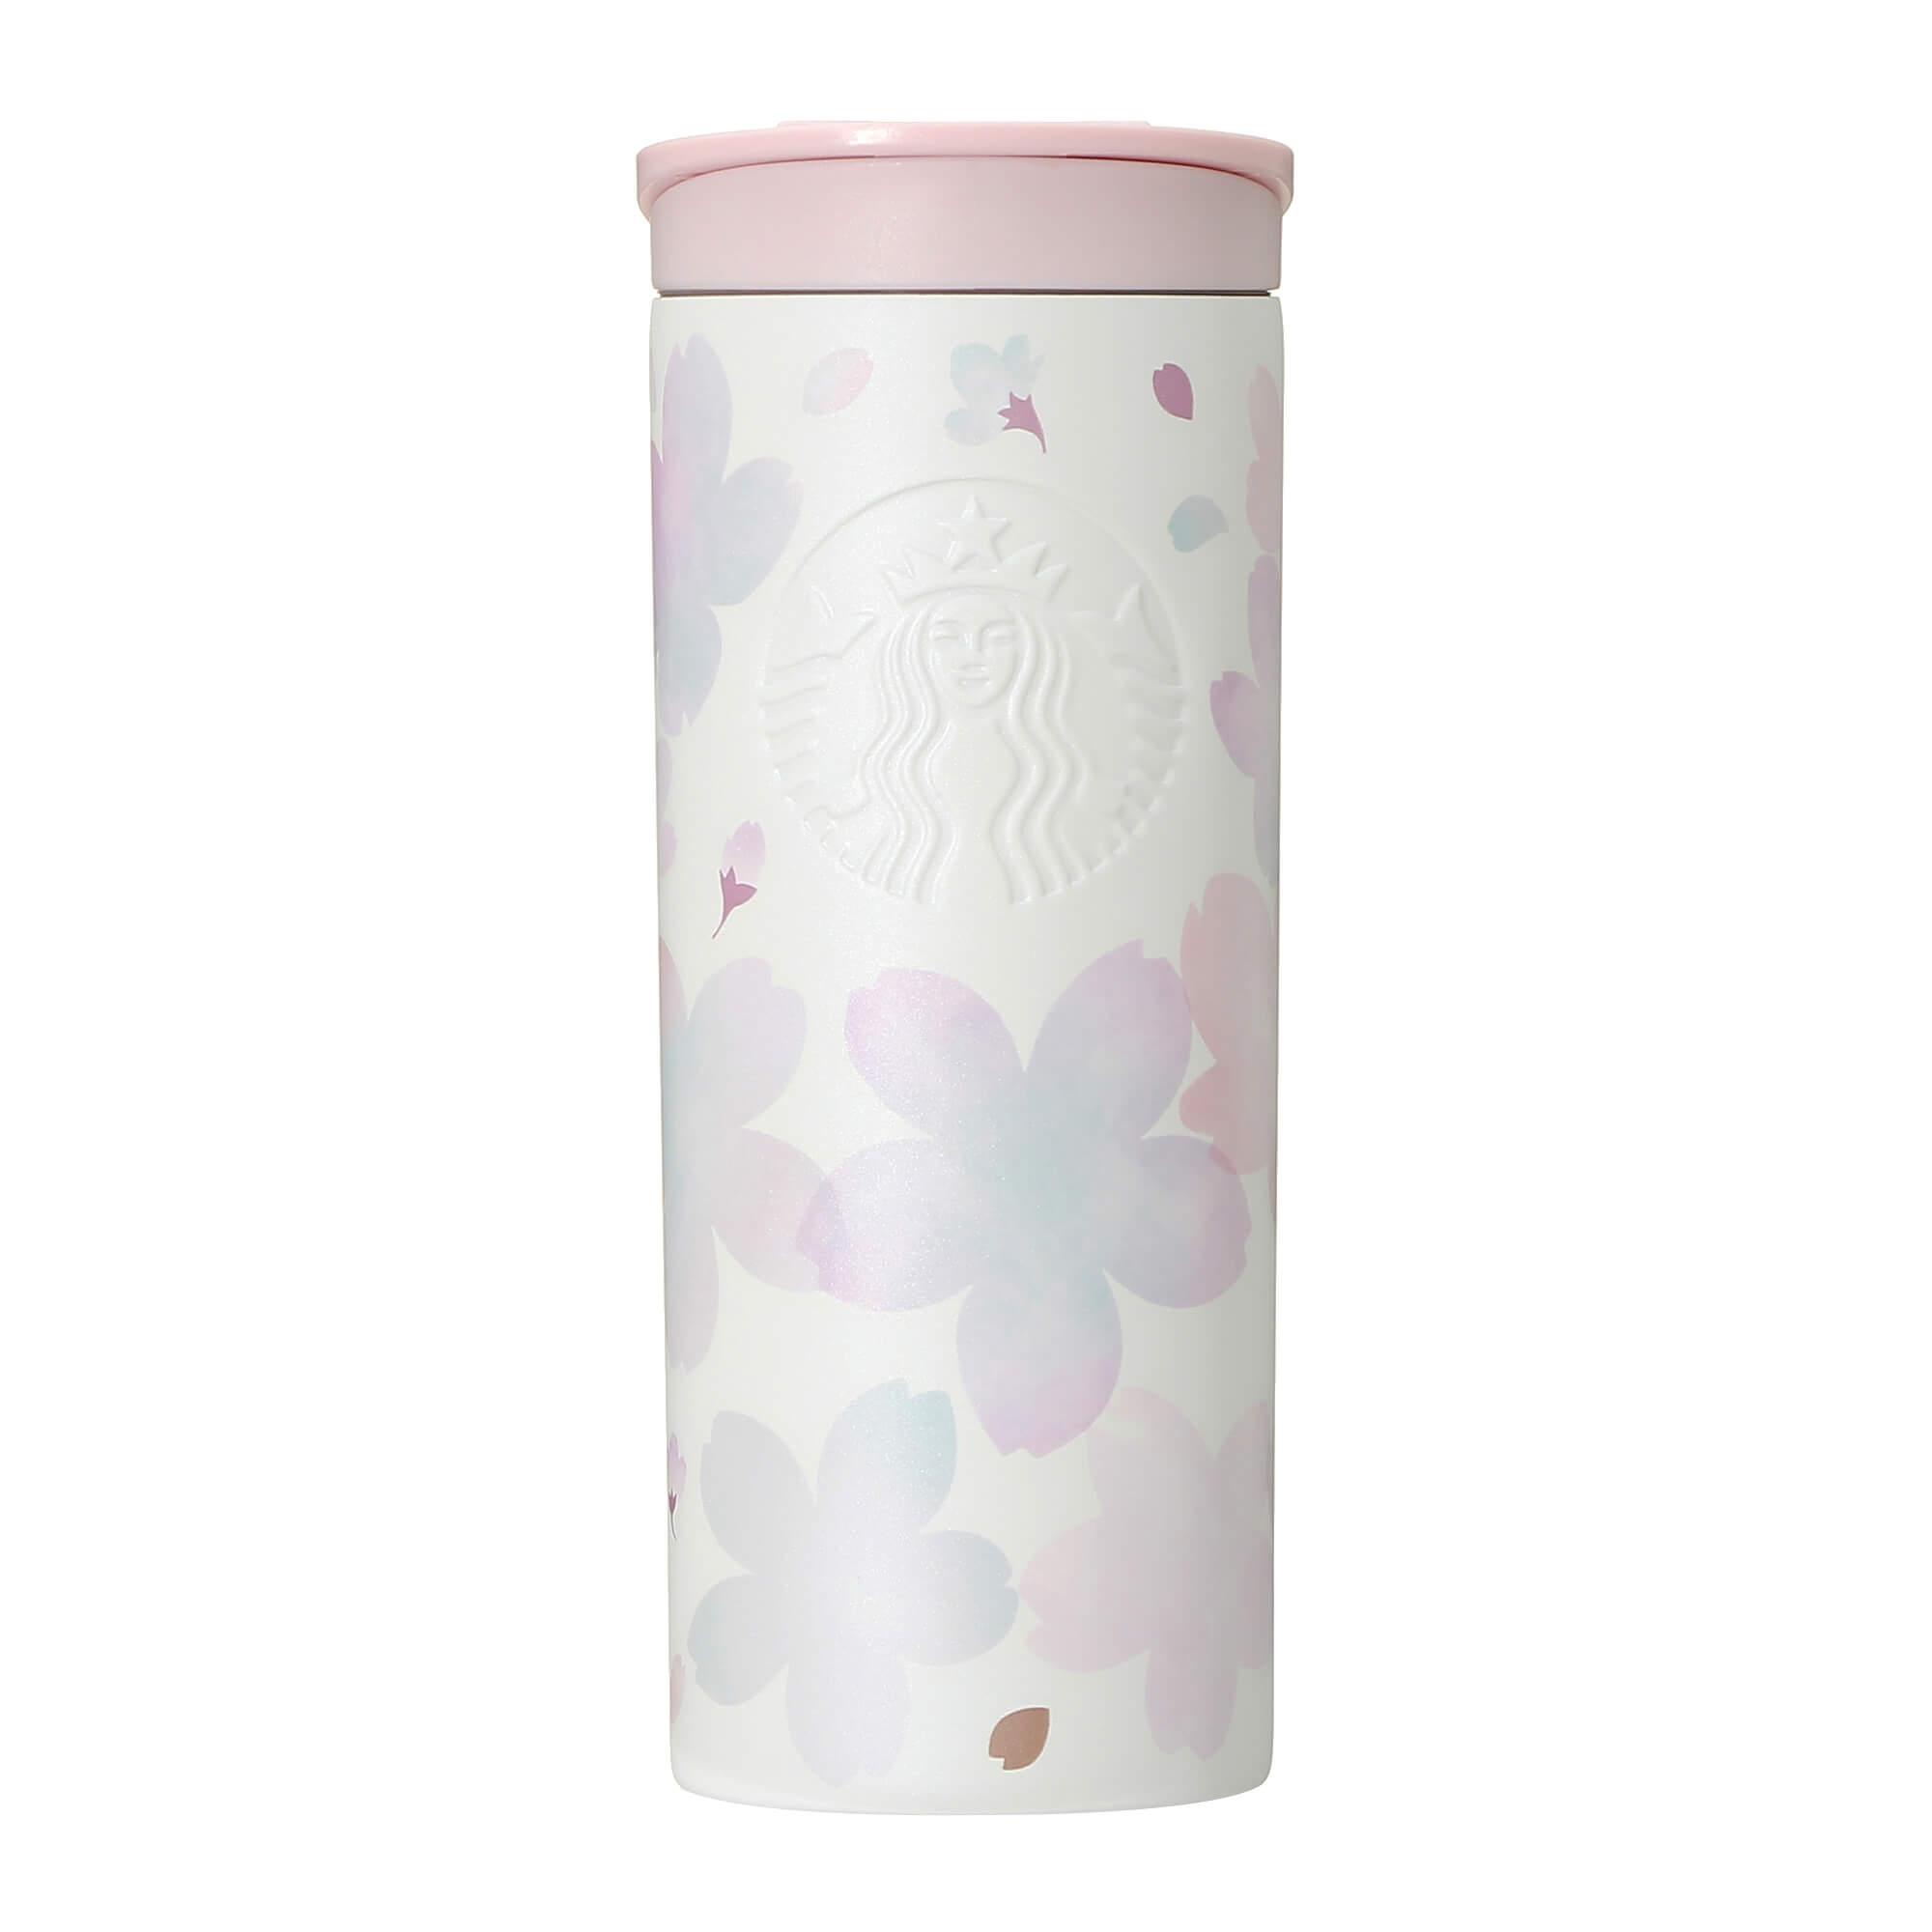 Starbucks Japan Sakura 2021 Stainless Bottle White Breath